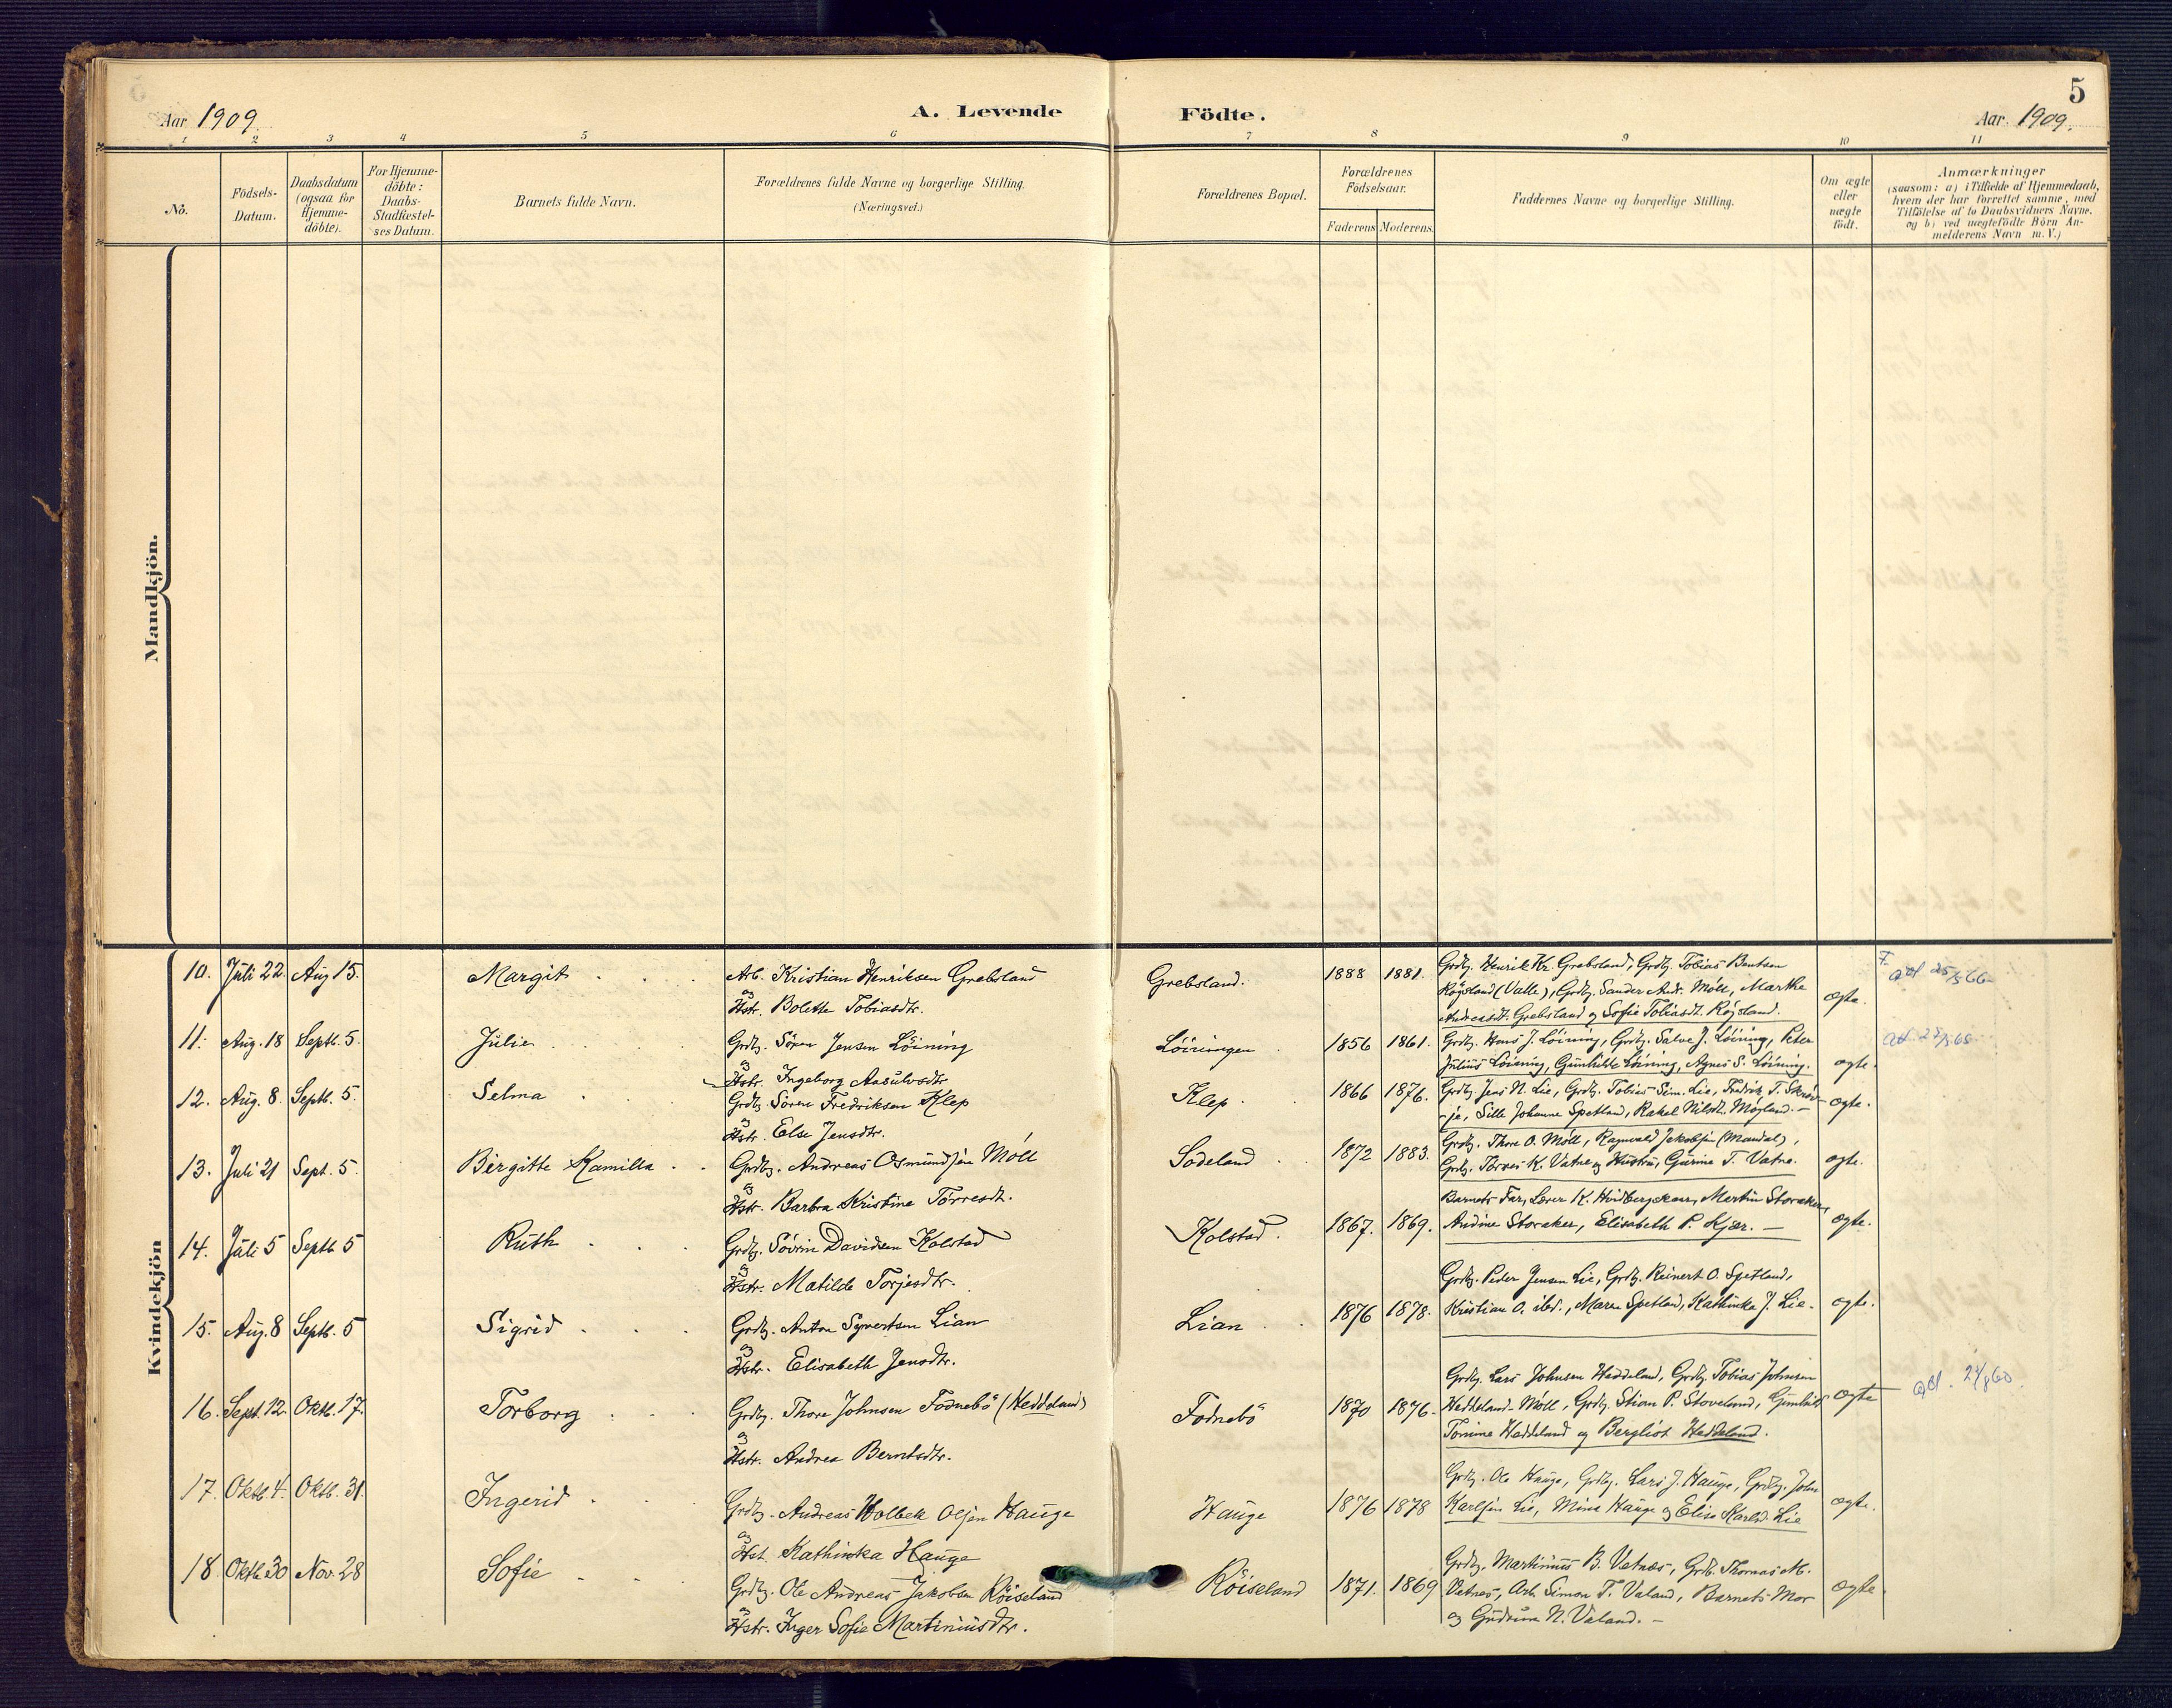 SAK, Holum sokneprestkontor, F/Fa/Faa/L0008: Ministerialbok nr. A 8, 1908-1929, s. 5